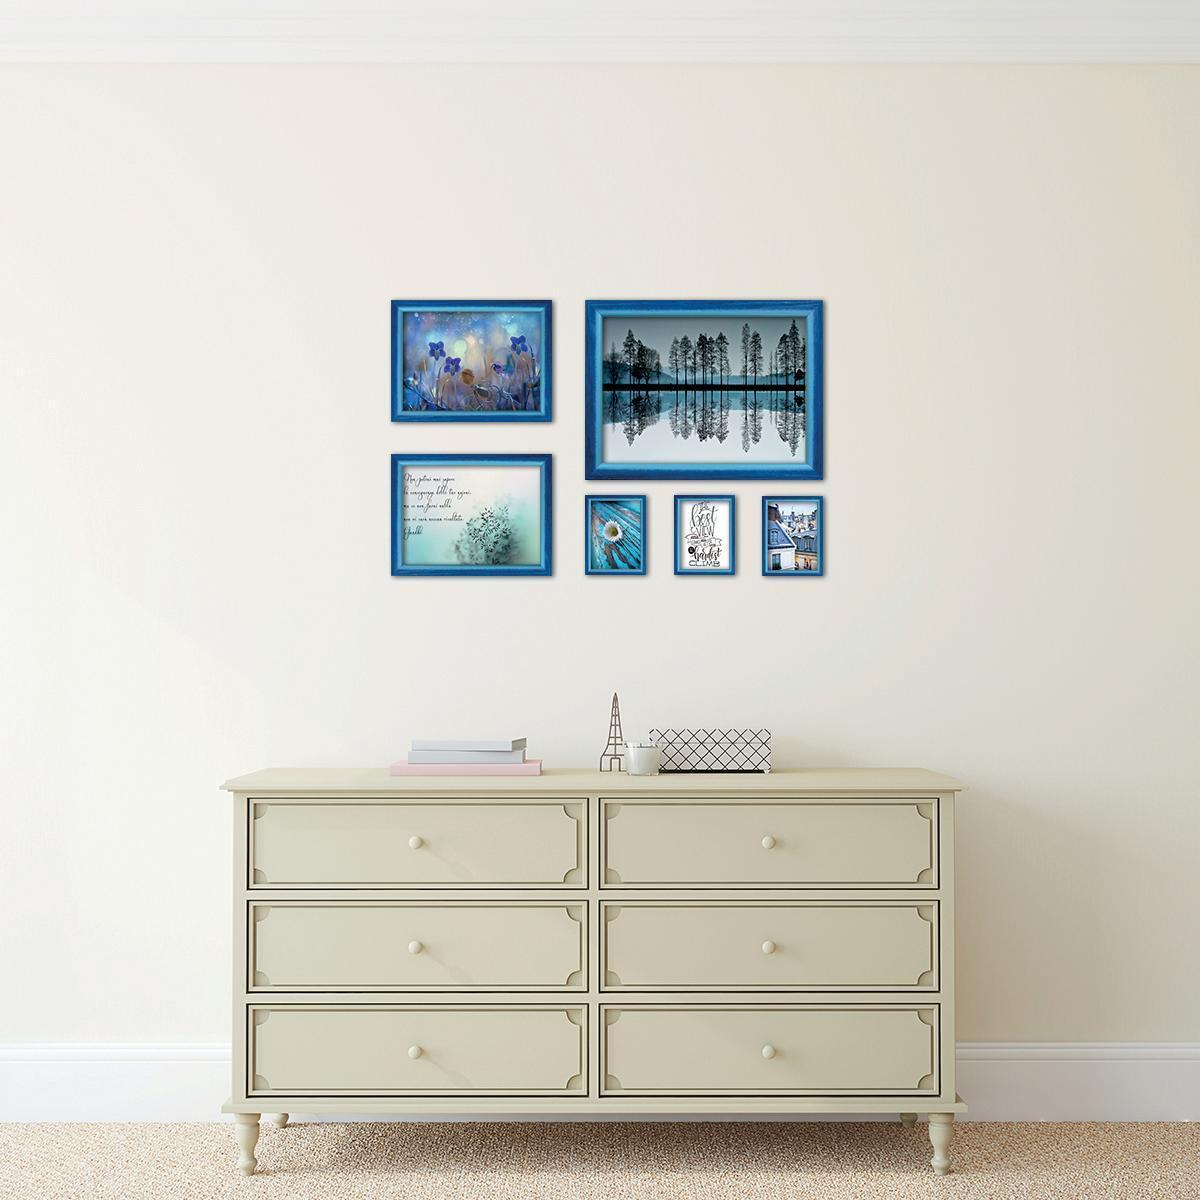 Cornice INSPIRE Bicolor azzurro<multisep/>blu per foto da 40x60 cm - 2